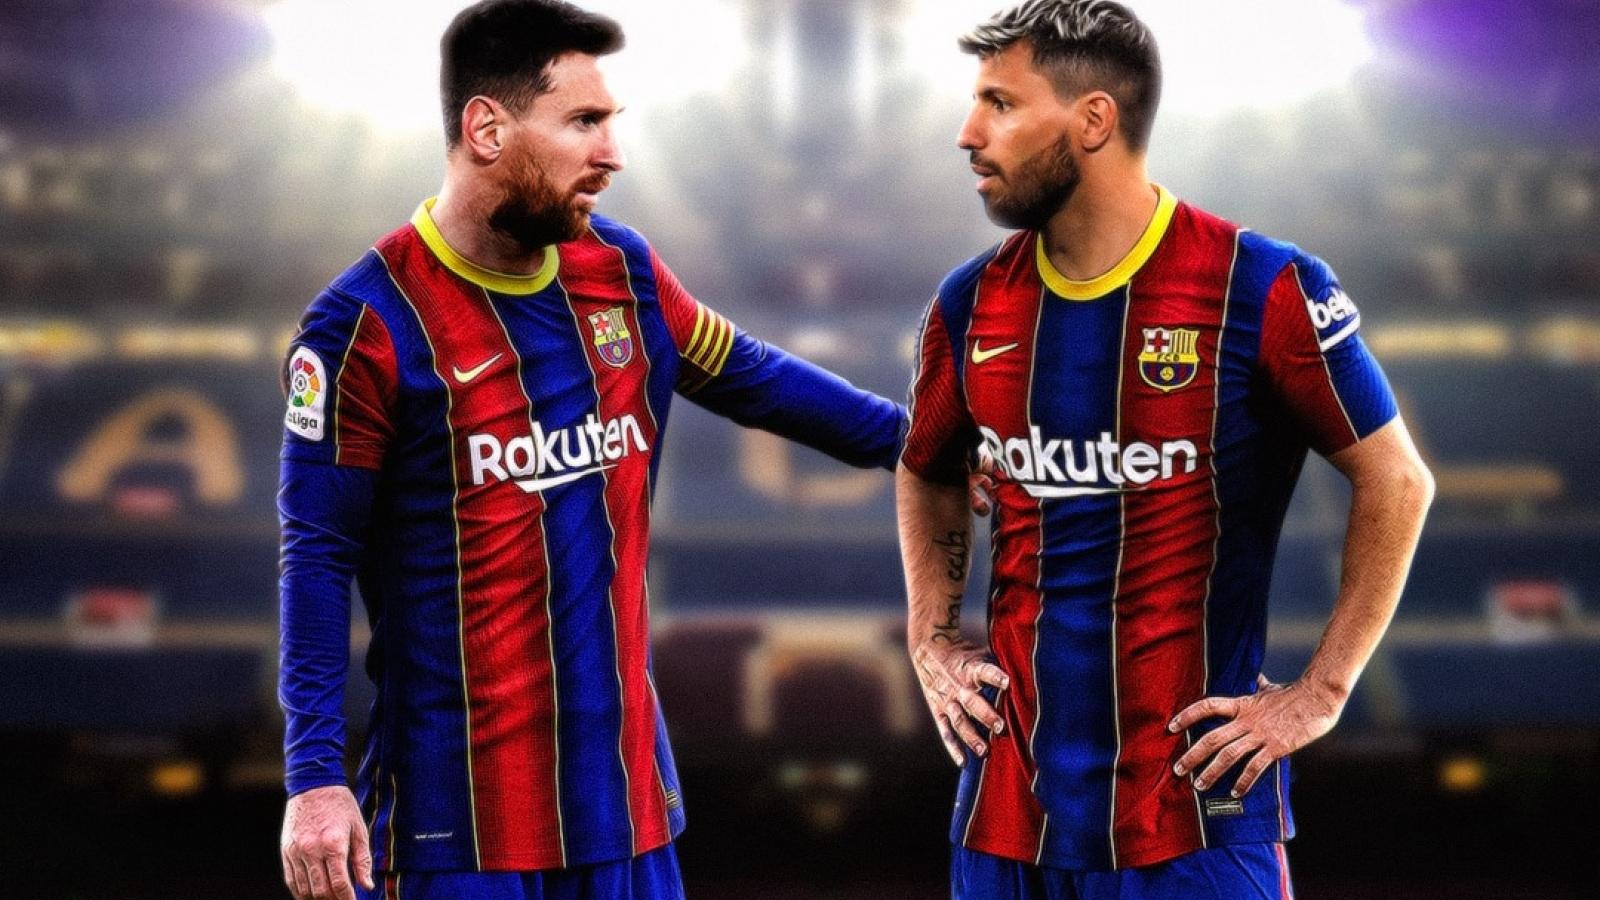 Biếm họa 24h: Messi chờ ngày đá cặp với bạn thân Aguero ở Barca